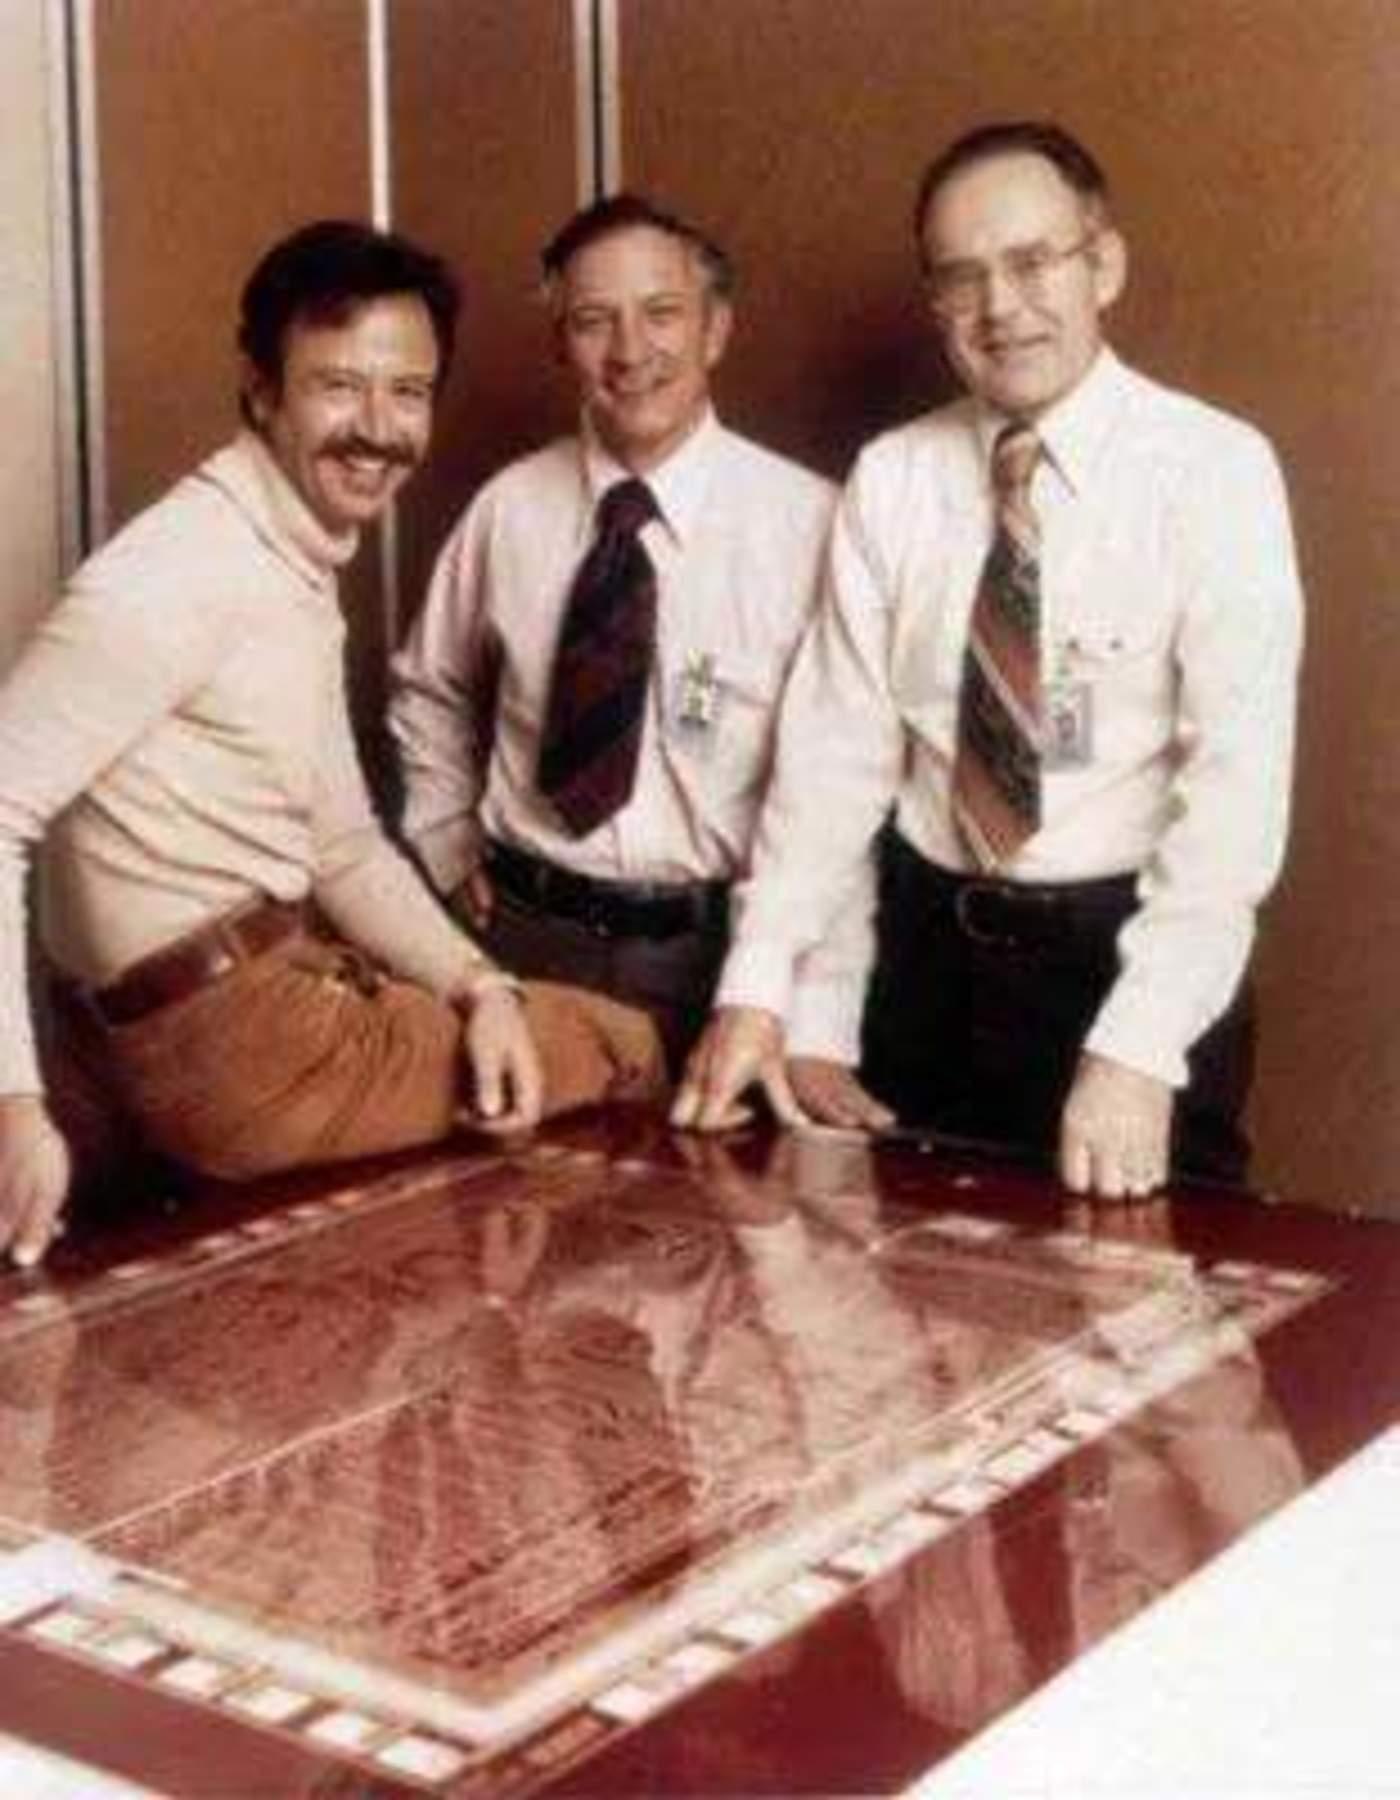 安迪·格罗夫<左>、罗伯特·诺伊斯<中>和戈登·摩尔<右>